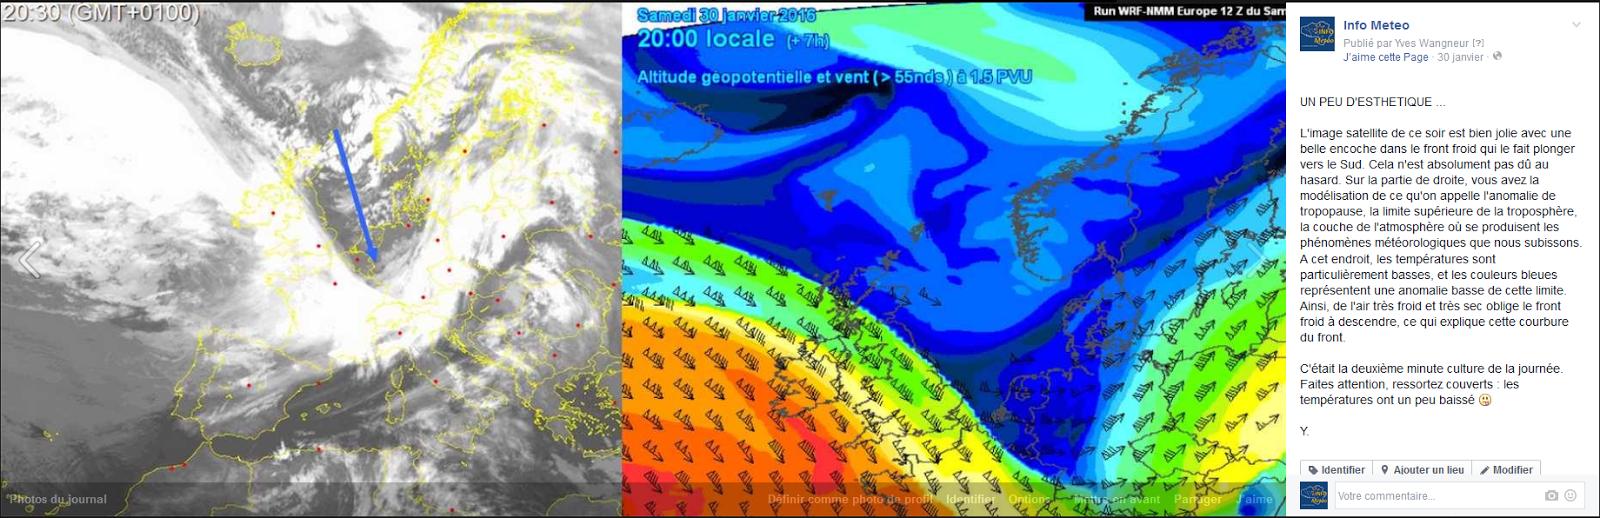 Image illustrant une publication du 30 Janvier à 23h montrant à gauche une image satellite de l'enfoncement de tropopause et à droite une carte illustrant ce même enfoncement de tropopause vu par les modèles